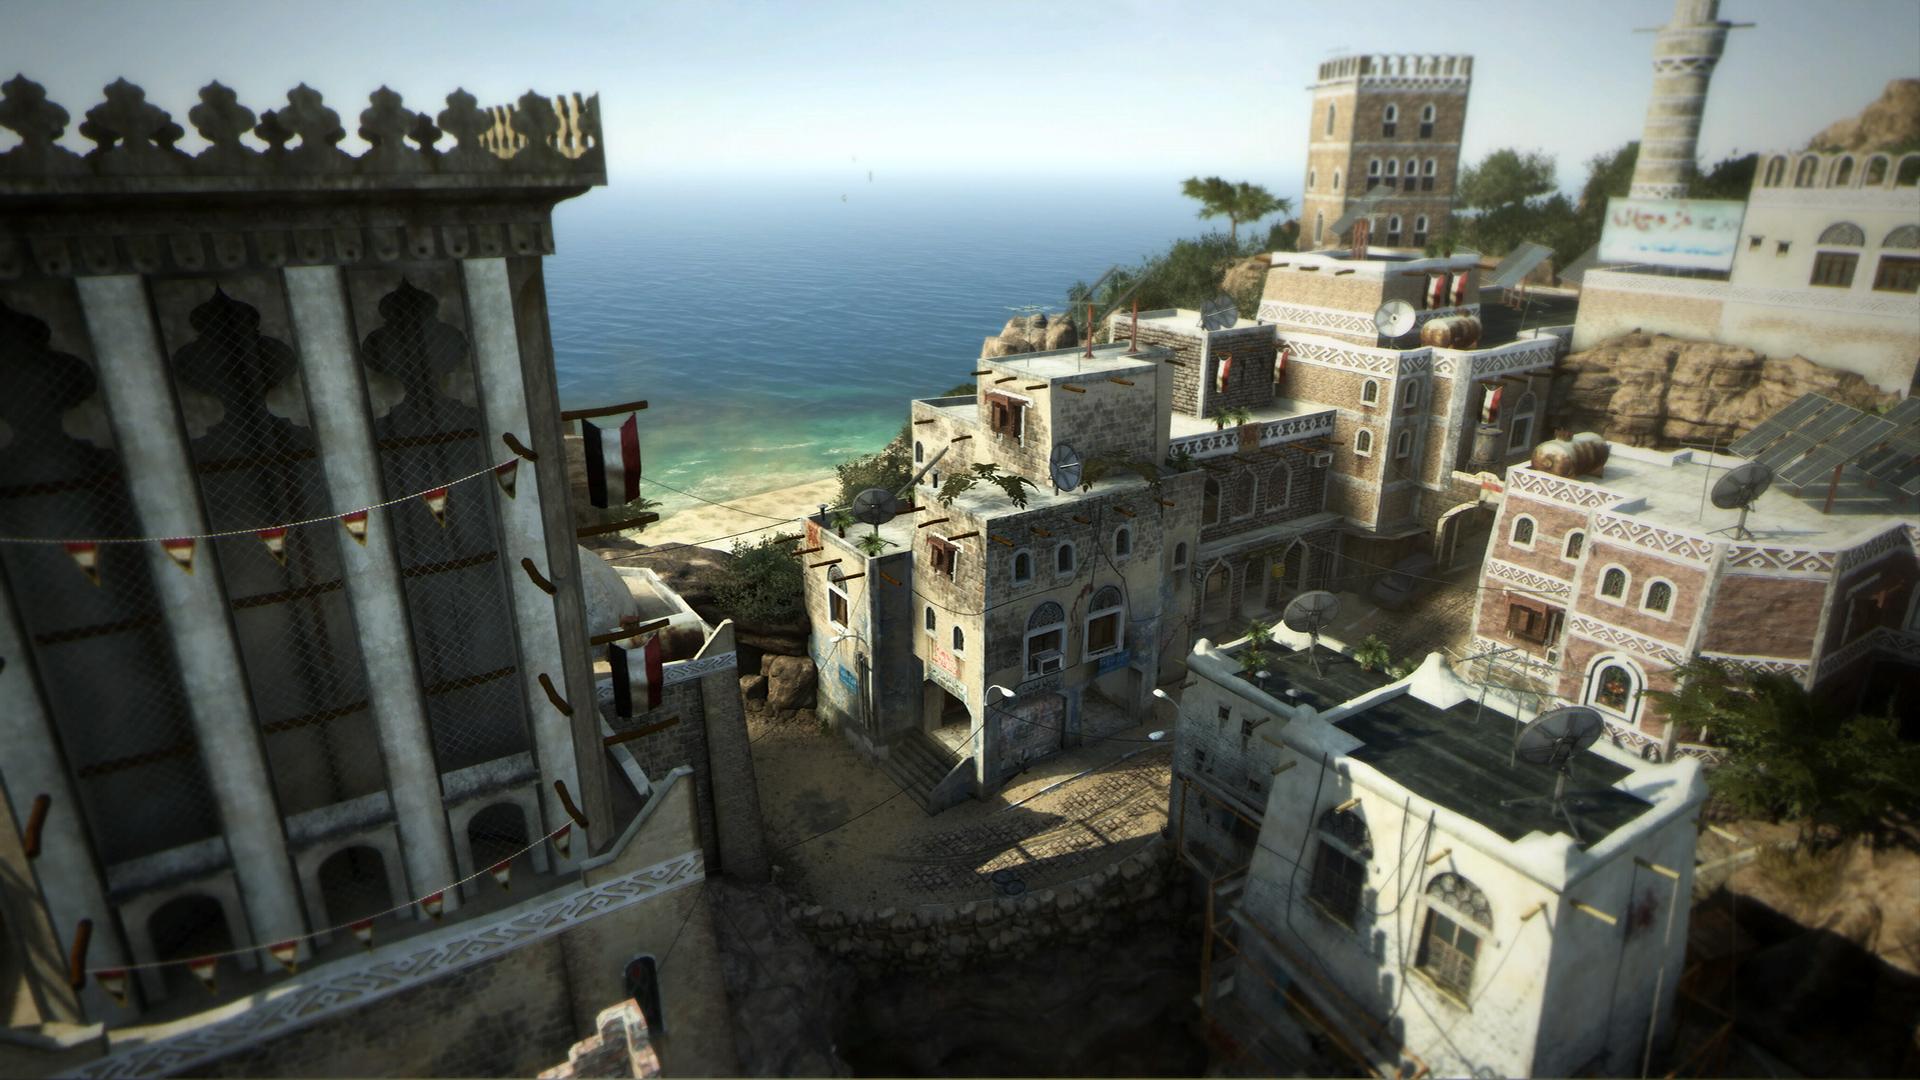 Jemen   Call of Duty Wiki   FANDOM powered by Wikia on